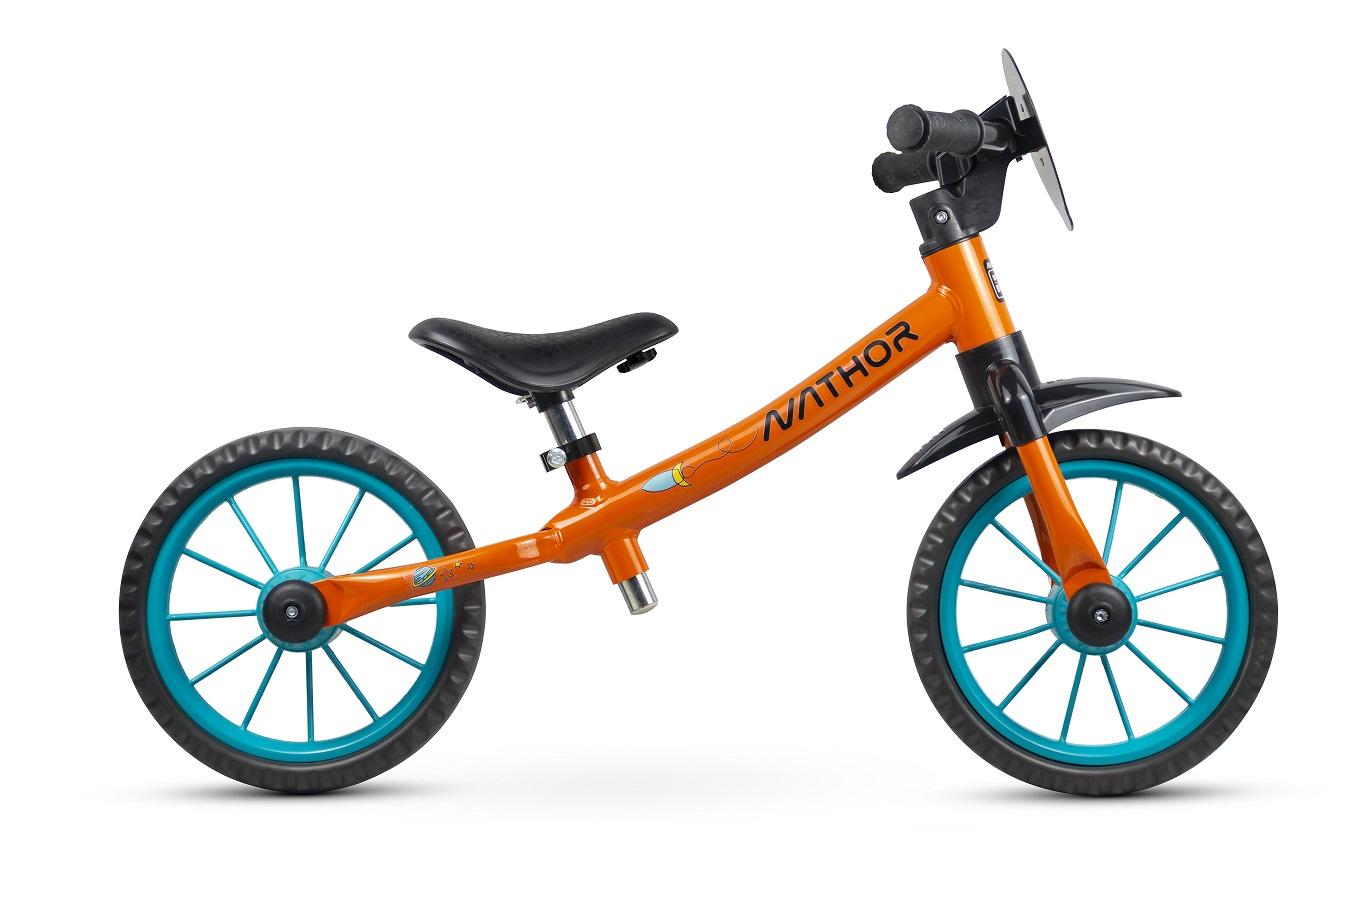 Balance Bike (Bicicleta de Equilíbrio) 12 Rocket Nathor